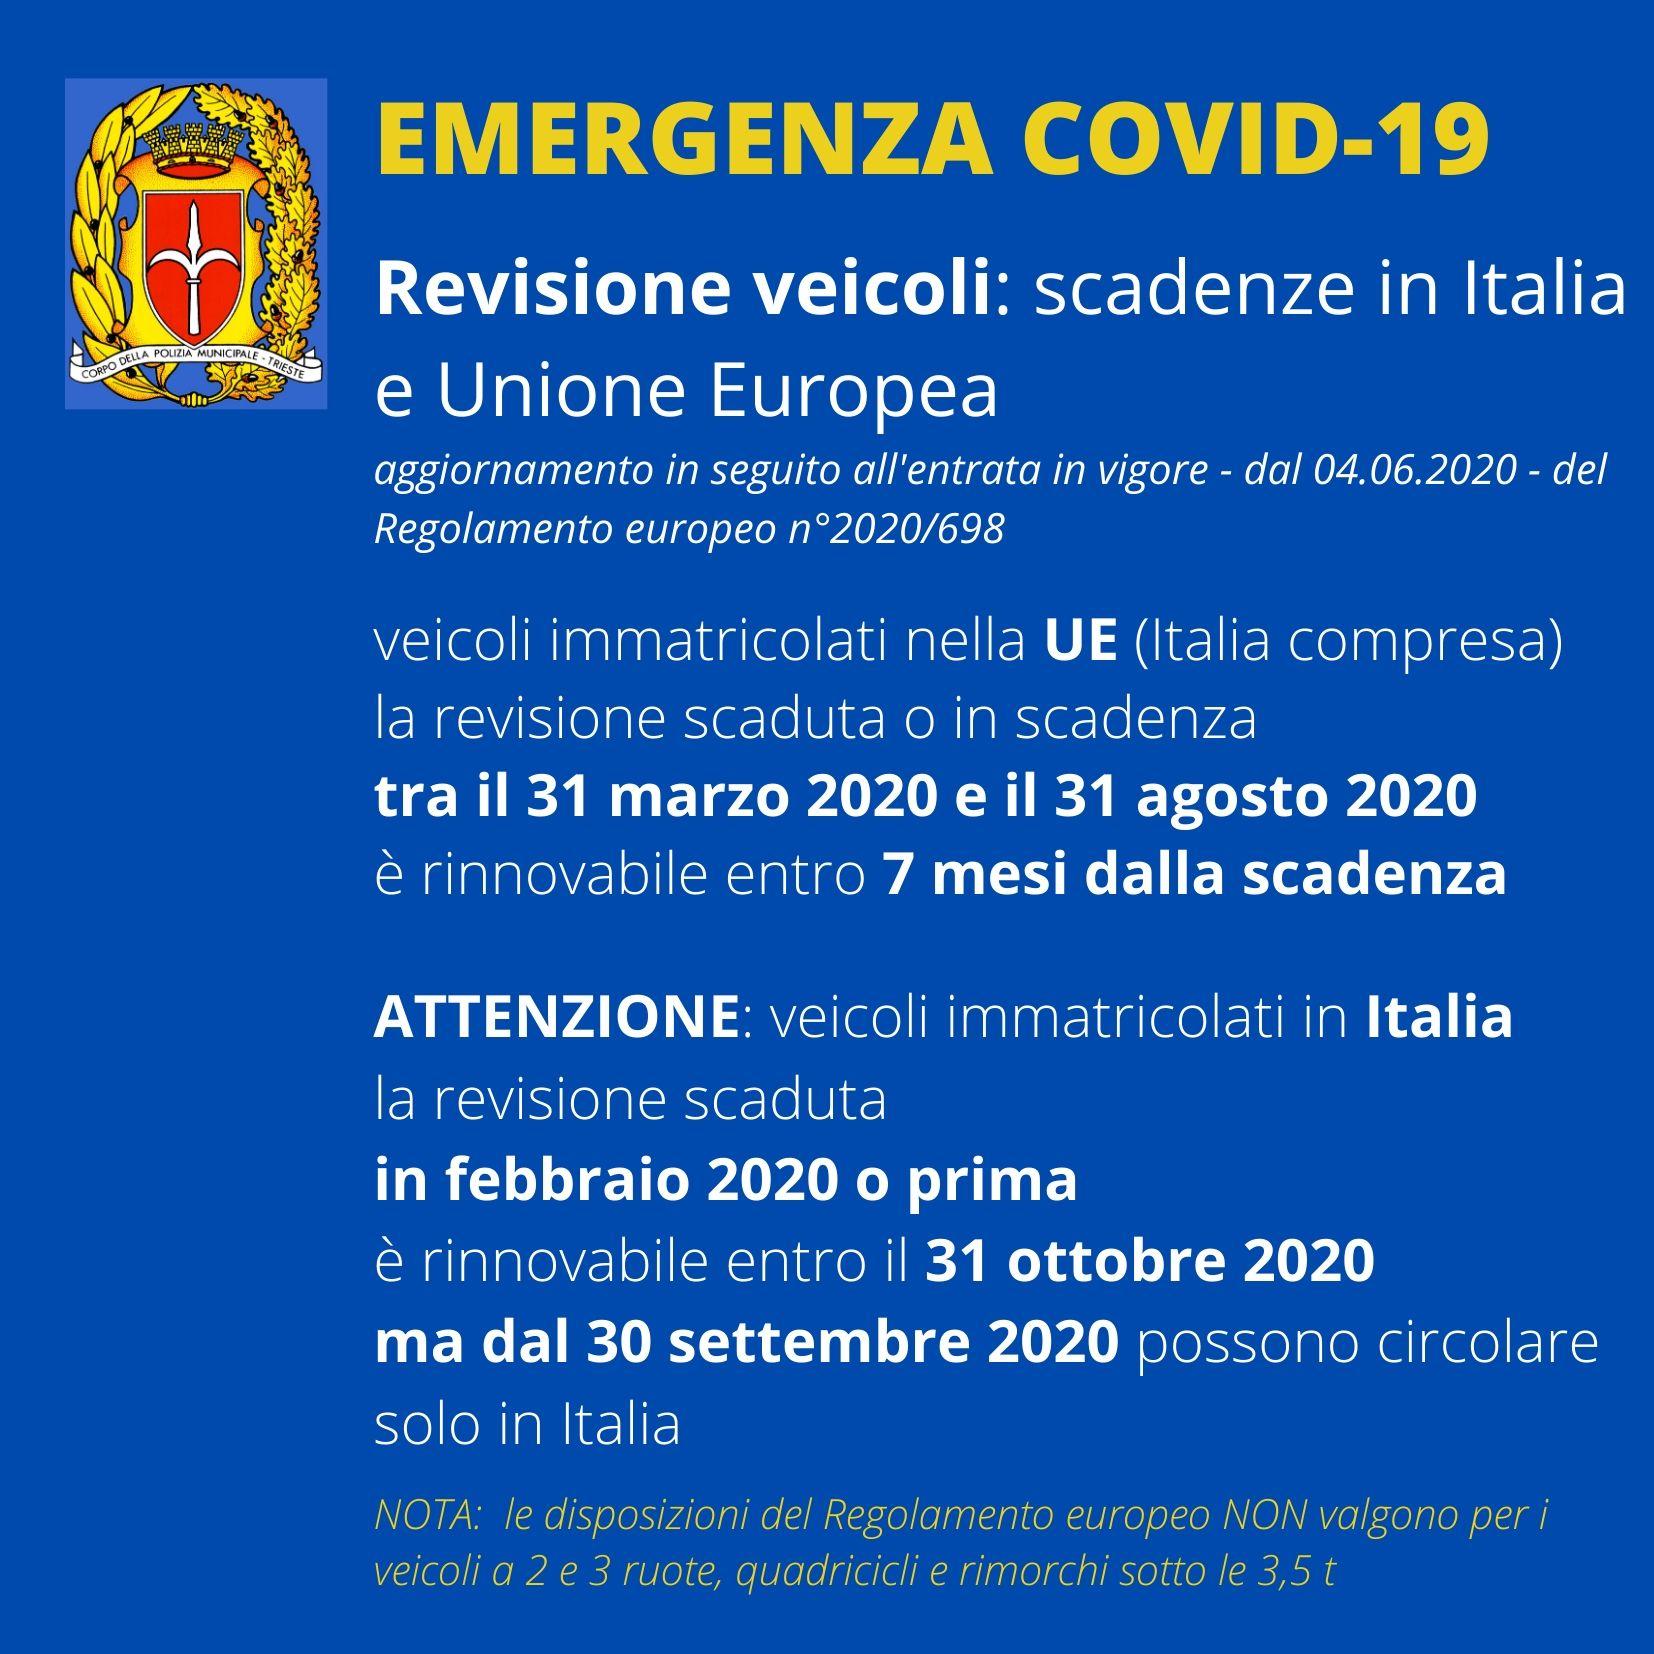 Emergenza Covid: Termini per la revisione dei veicoli